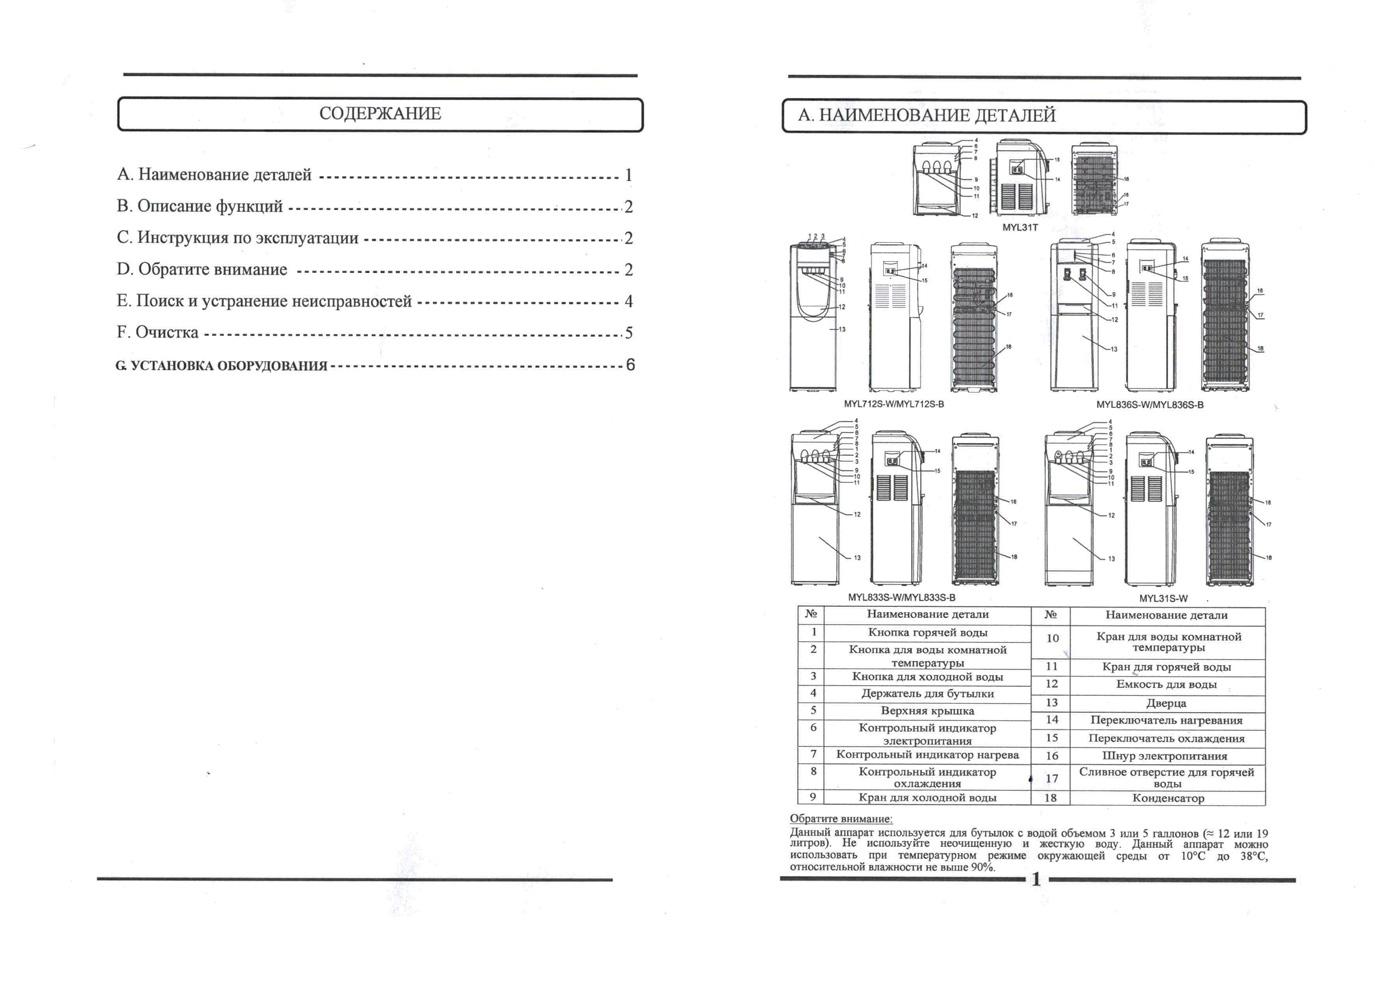 кулер Aqua Work 712-S-B паспорт